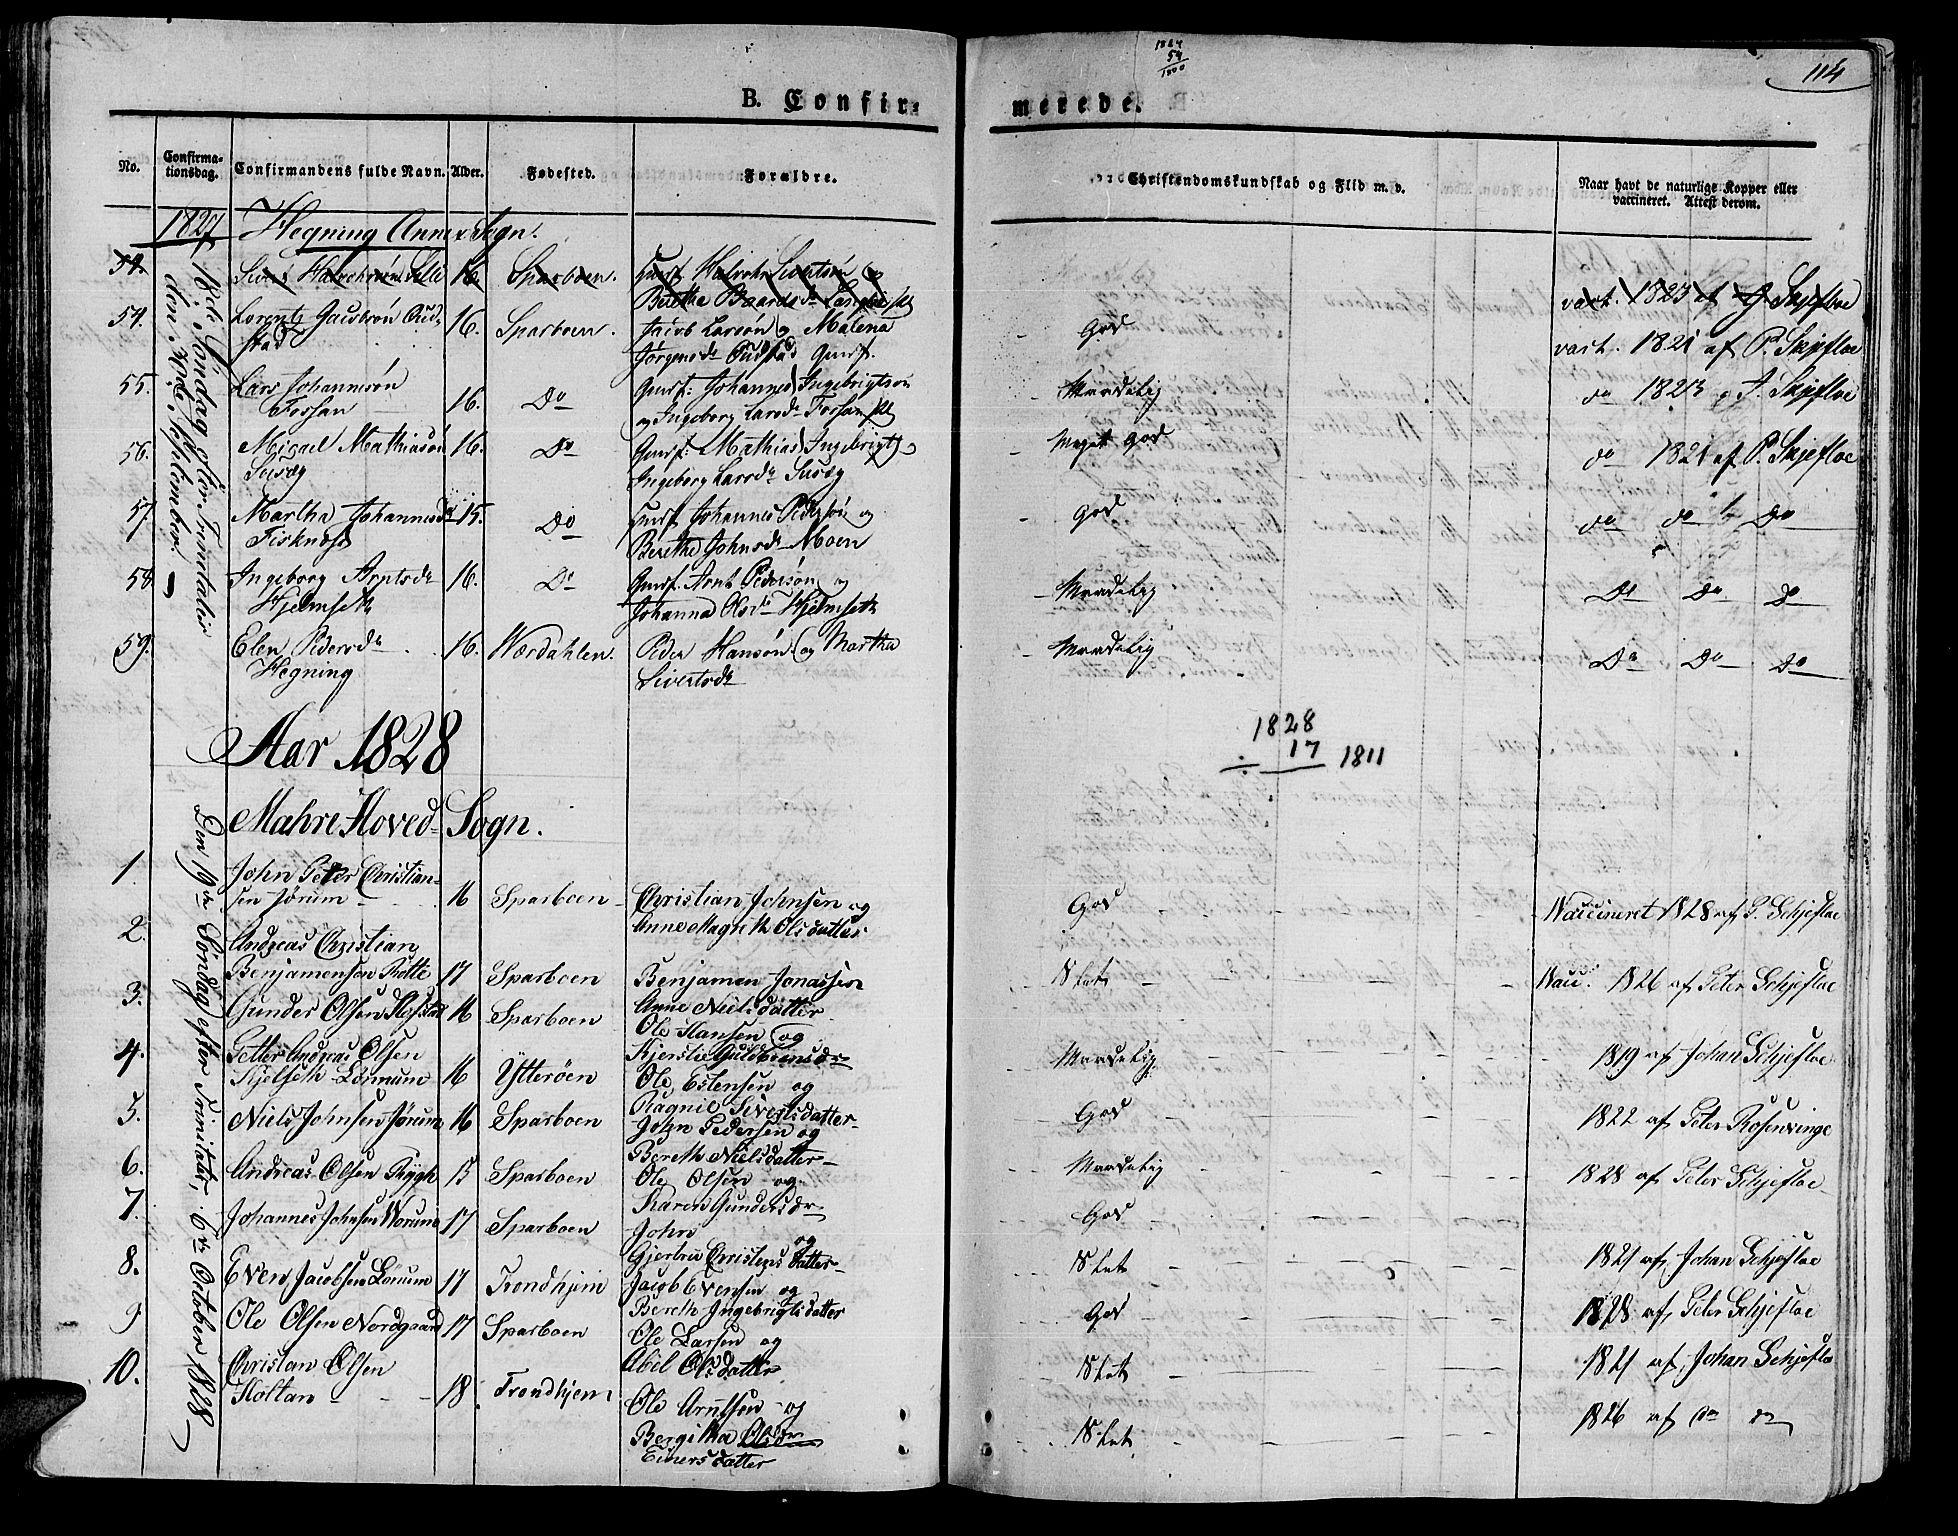 SAT, Ministerialprotokoller, klokkerbøker og fødselsregistre - Nord-Trøndelag, 735/L0336: Ministerialbok nr. 735A05 /1, 1825-1835, s. 114